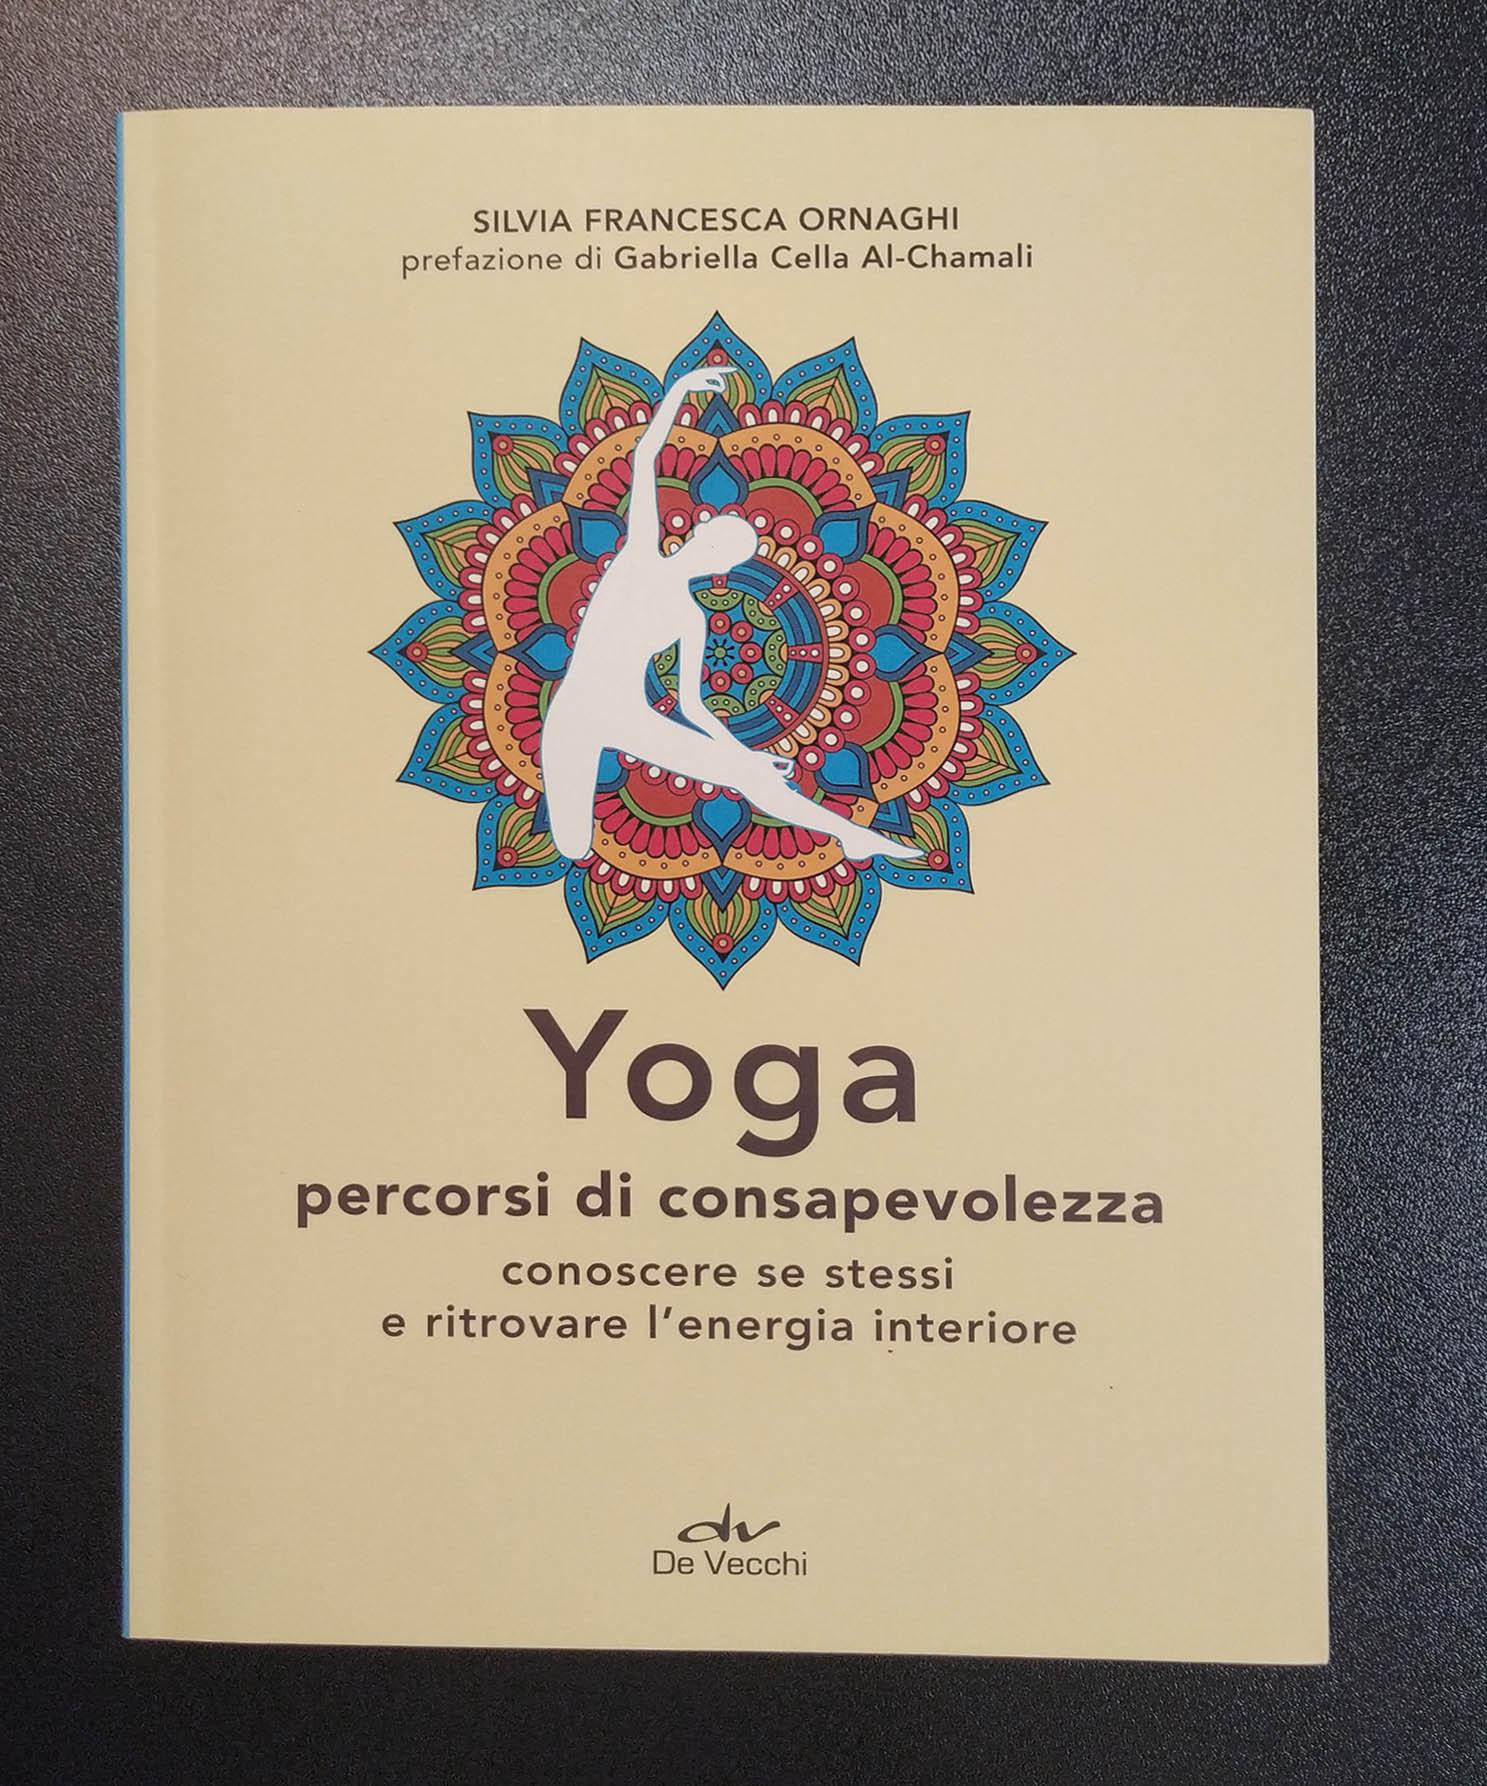 yoga percorsi di consapevolezza, un libro di silvia f. ornaghi